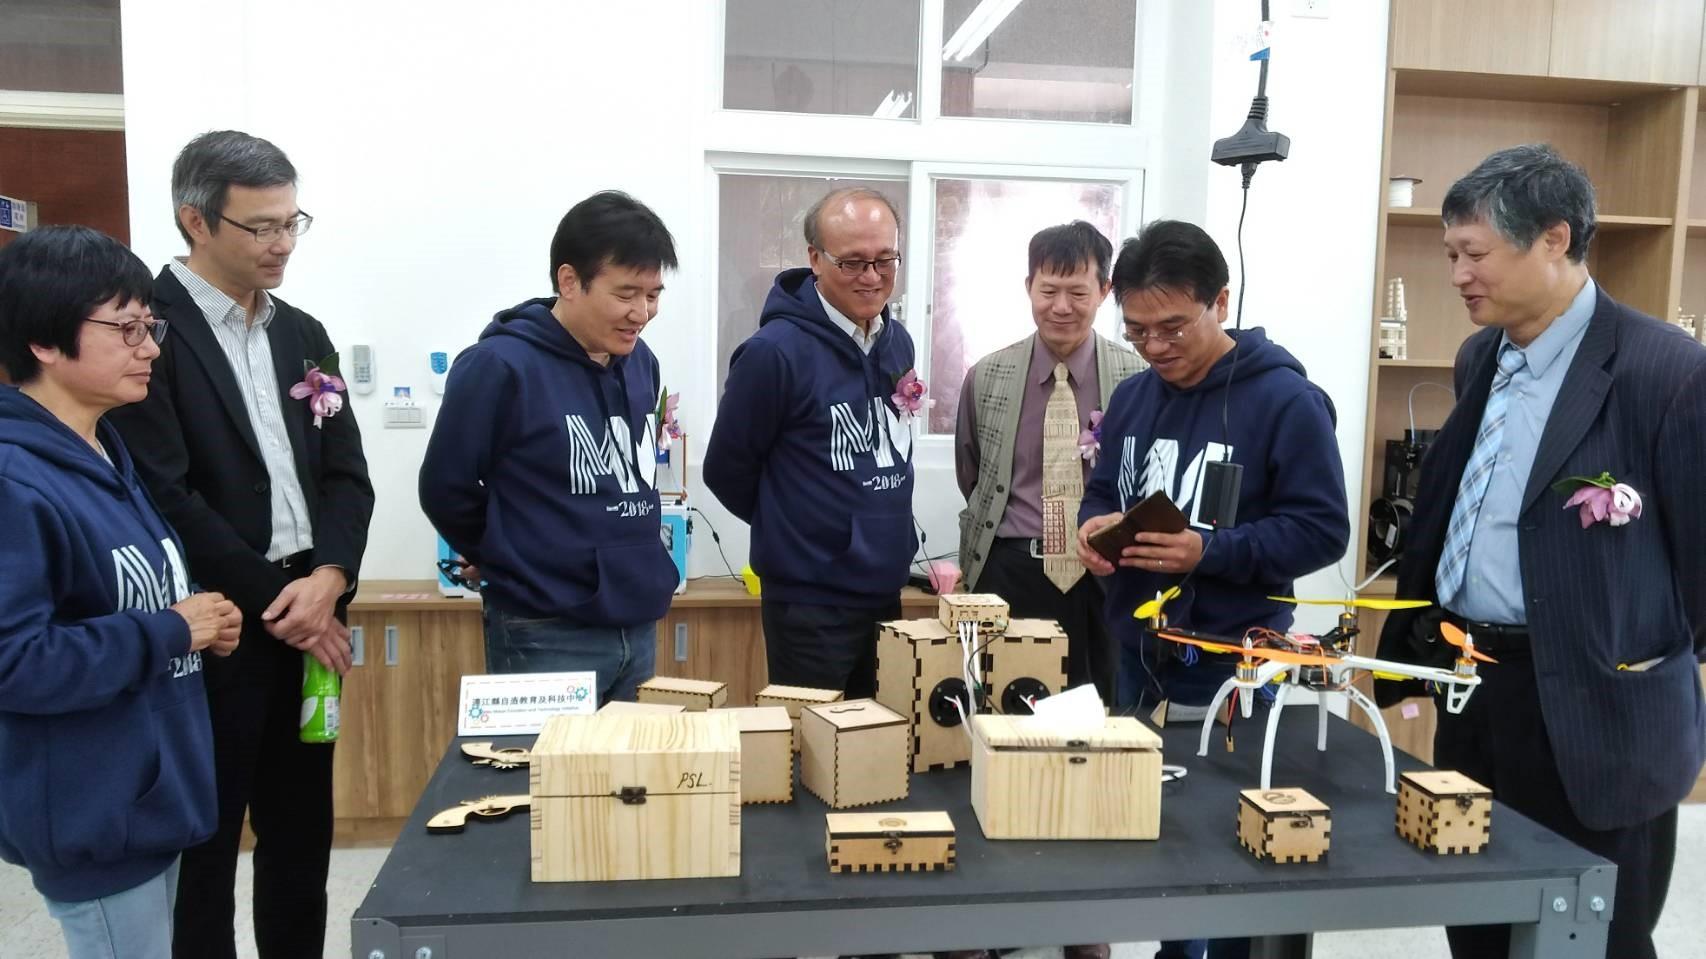 自造教育及科技中心揭牌